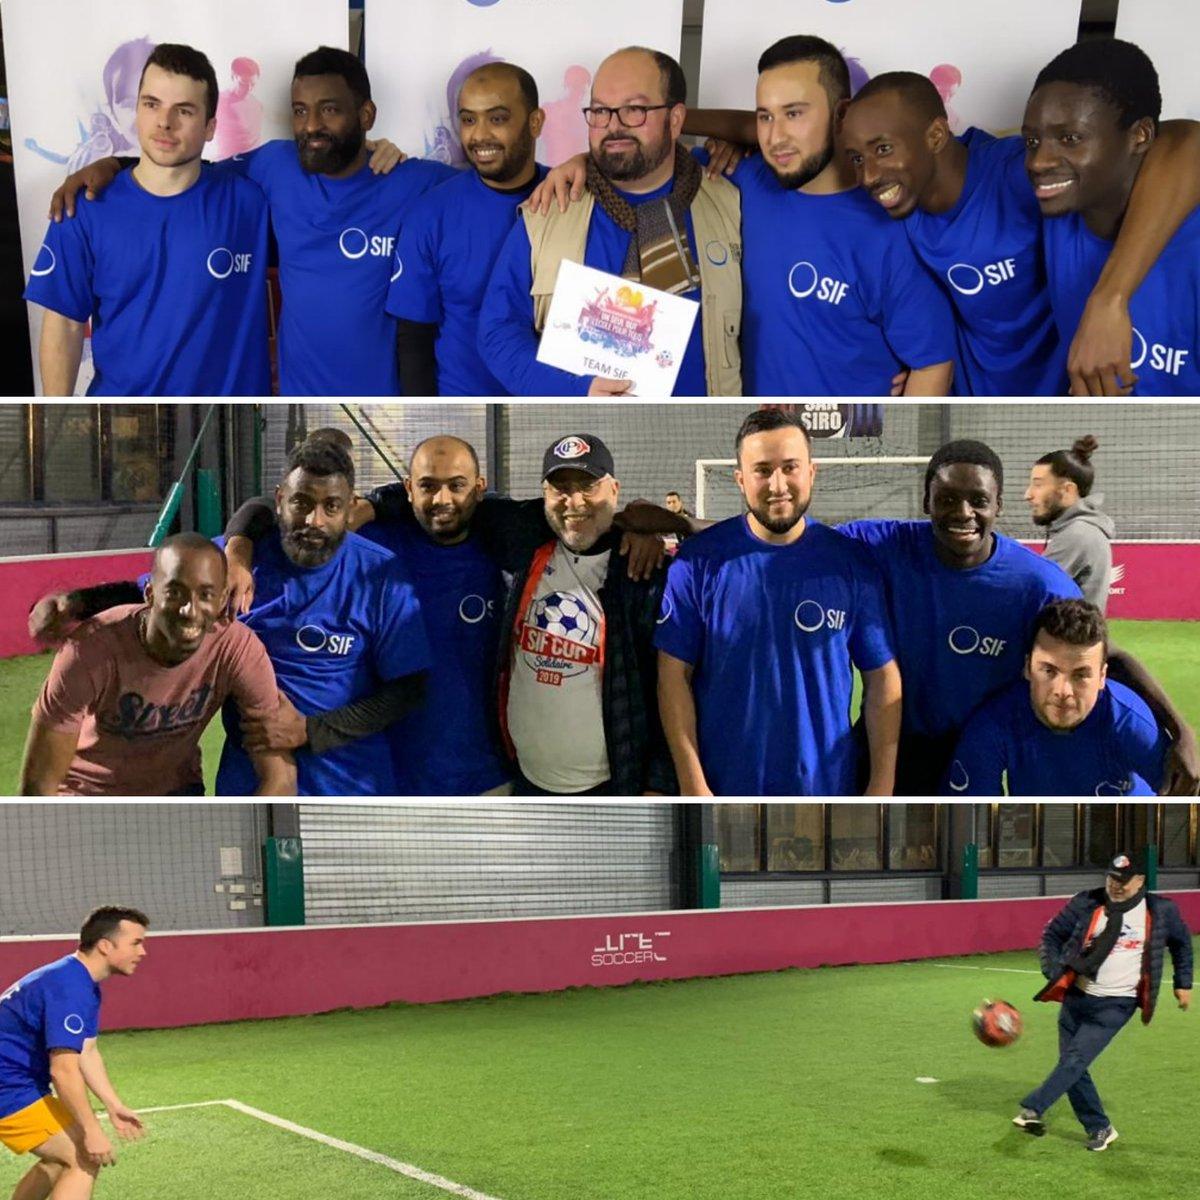 Au top notre Team @SIF_ONG ! 😀 Rendez-vous sur nos stories Facebook et Instagram pour voir du beau jeu, de la solidarité et de la convivialité ! 🔴🔵⚽ #SIFCUPPARIS ⚽🔵🔴 https://t.co/zr6efsCjTu